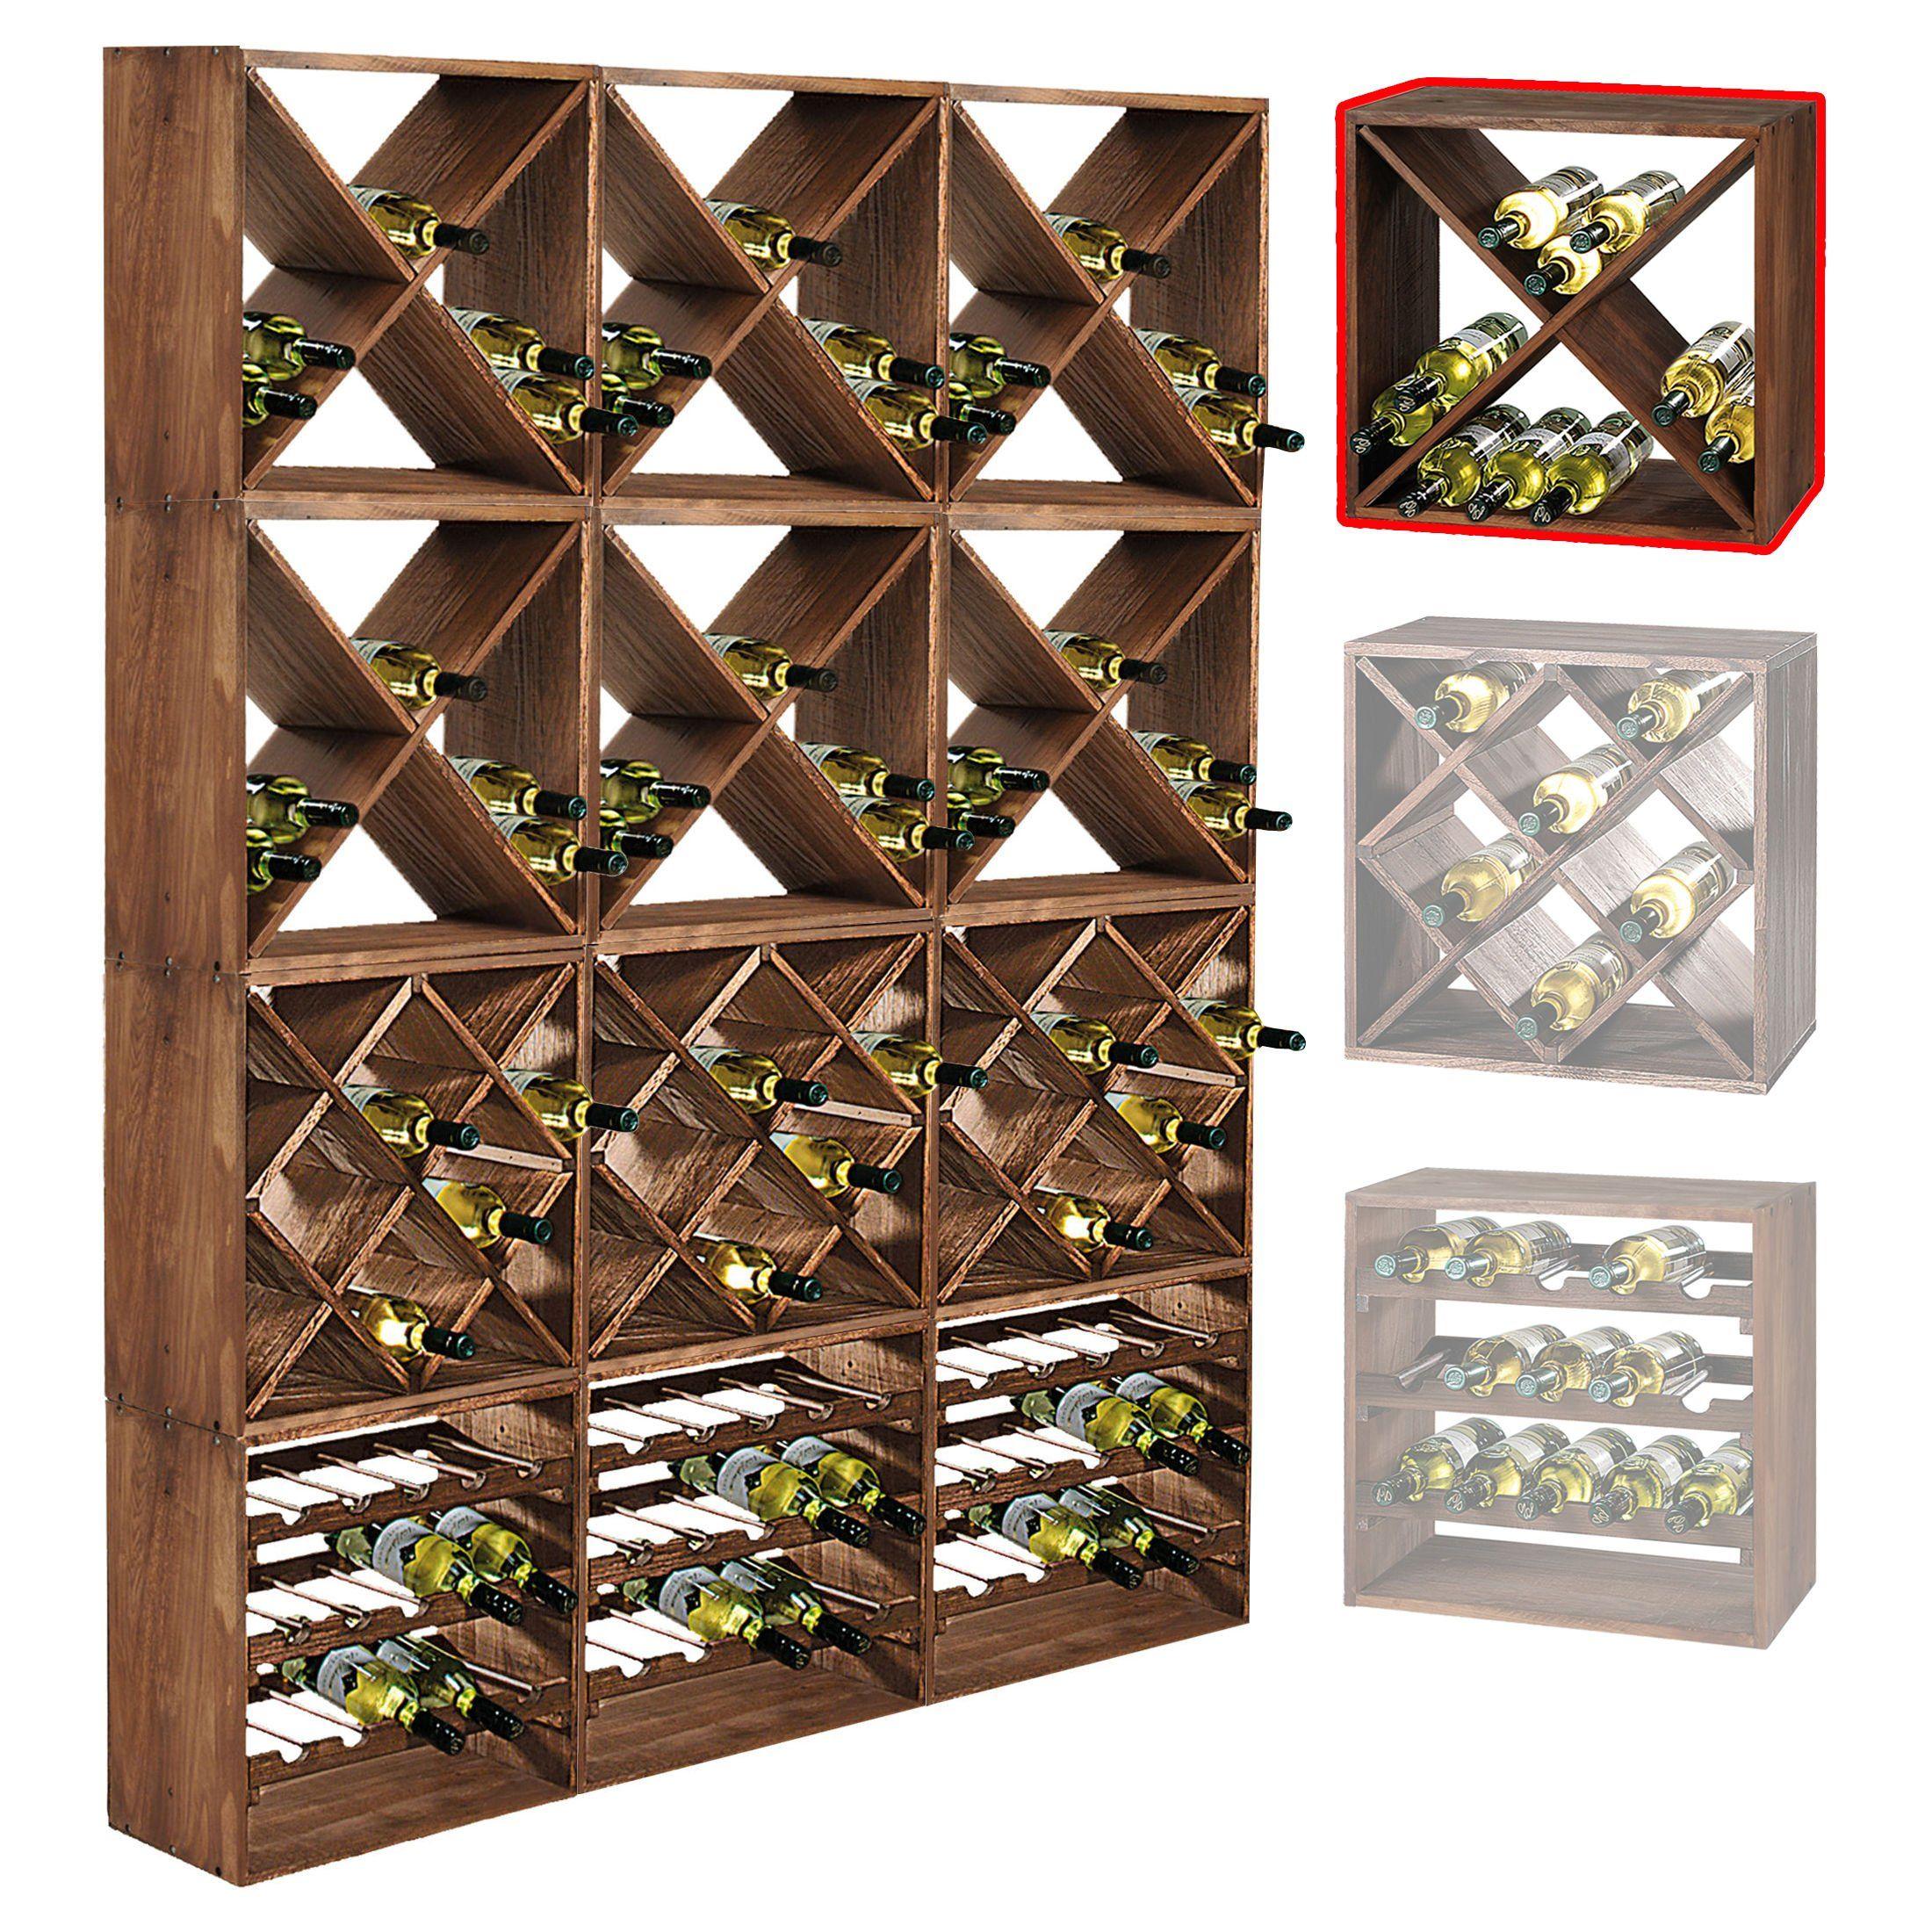 Systeme D Etagere A Vin Cube 50 Tobacco Module 4 Standard H50 X L50 X P25 Cm Amazon Fr Cuisine Maison Avec Images Cave A Vin Rangement Vin